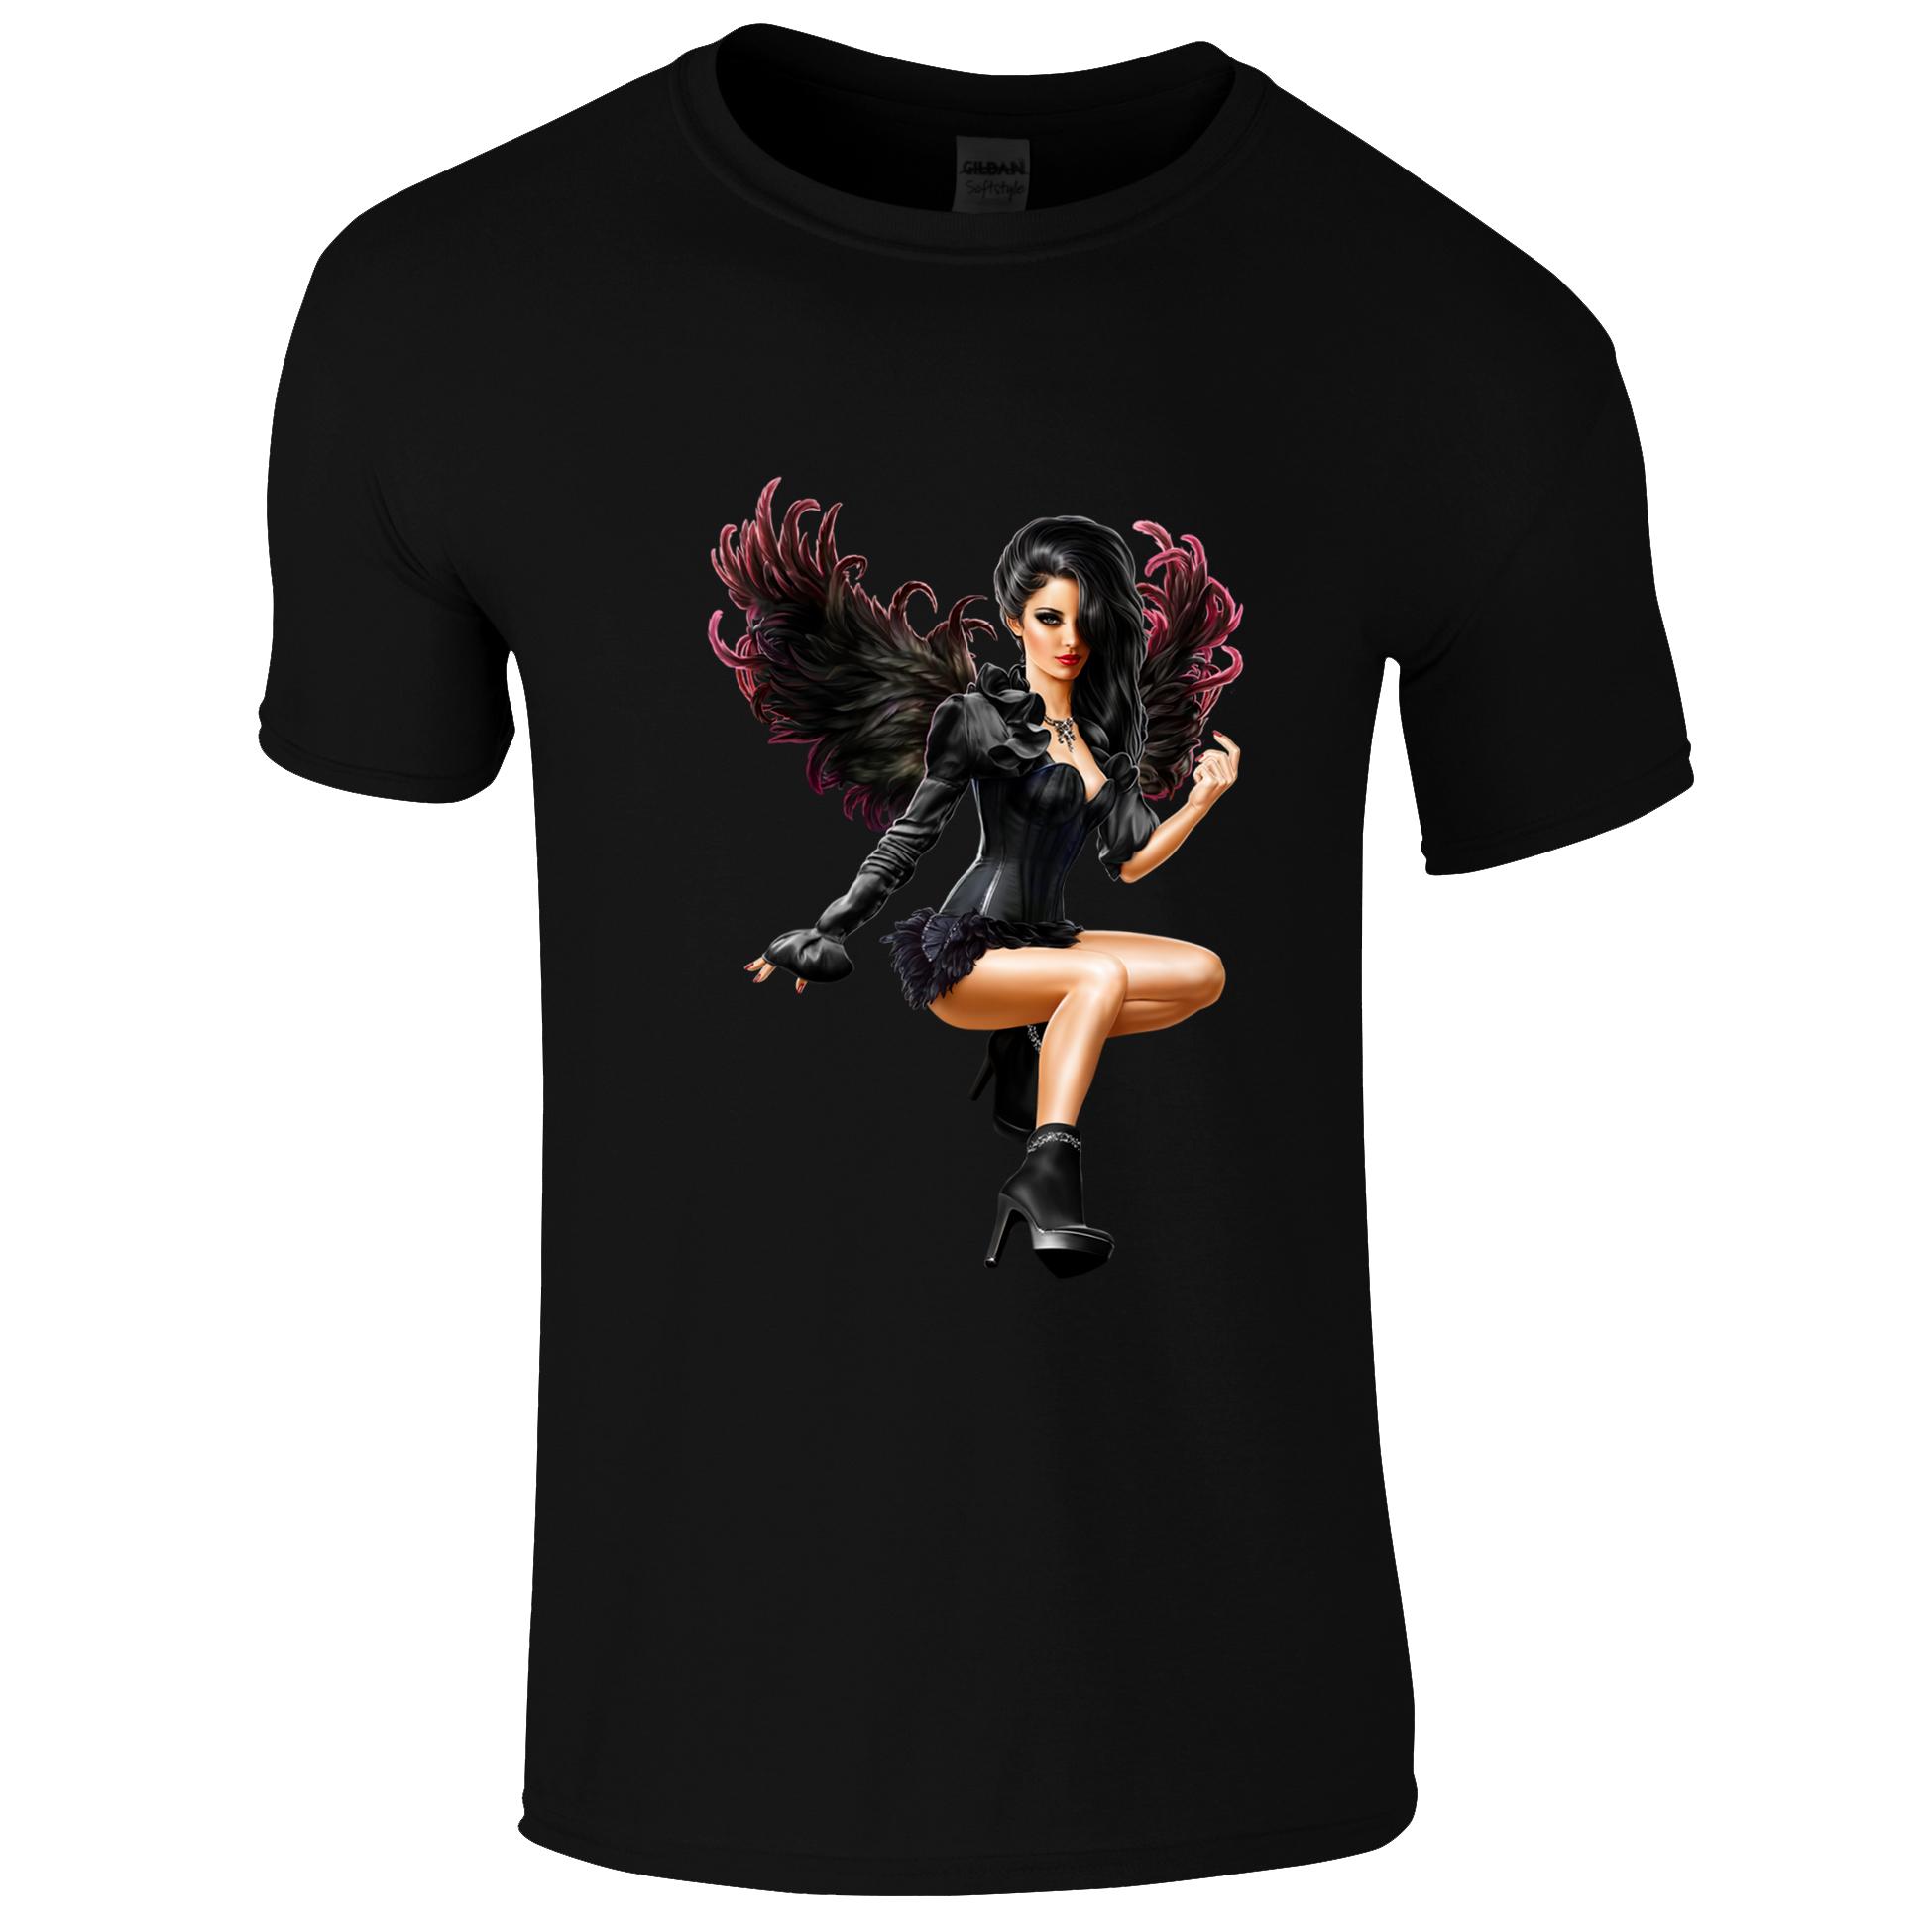 Schwarzes Gothic Shirt mit Frau mit Flügel